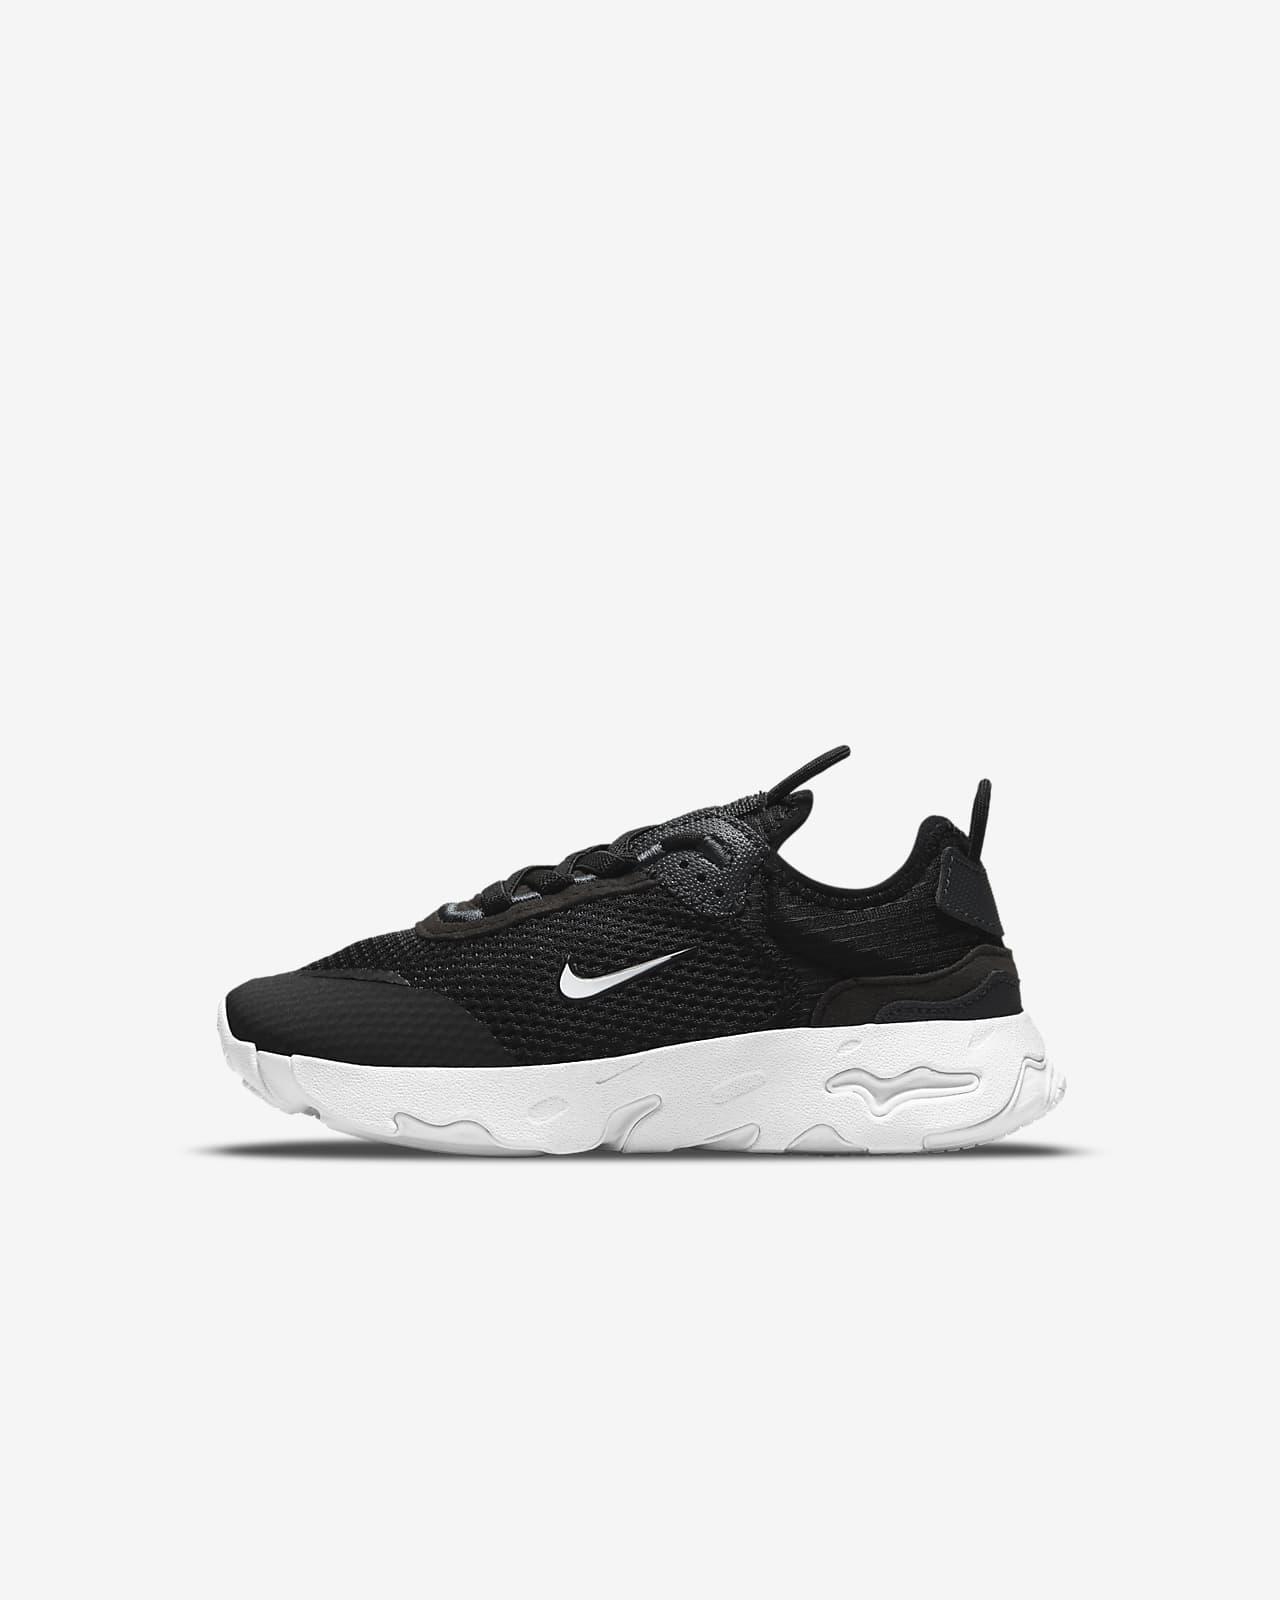 Nike RT Live Küçük Çocuk Ayakkabısı